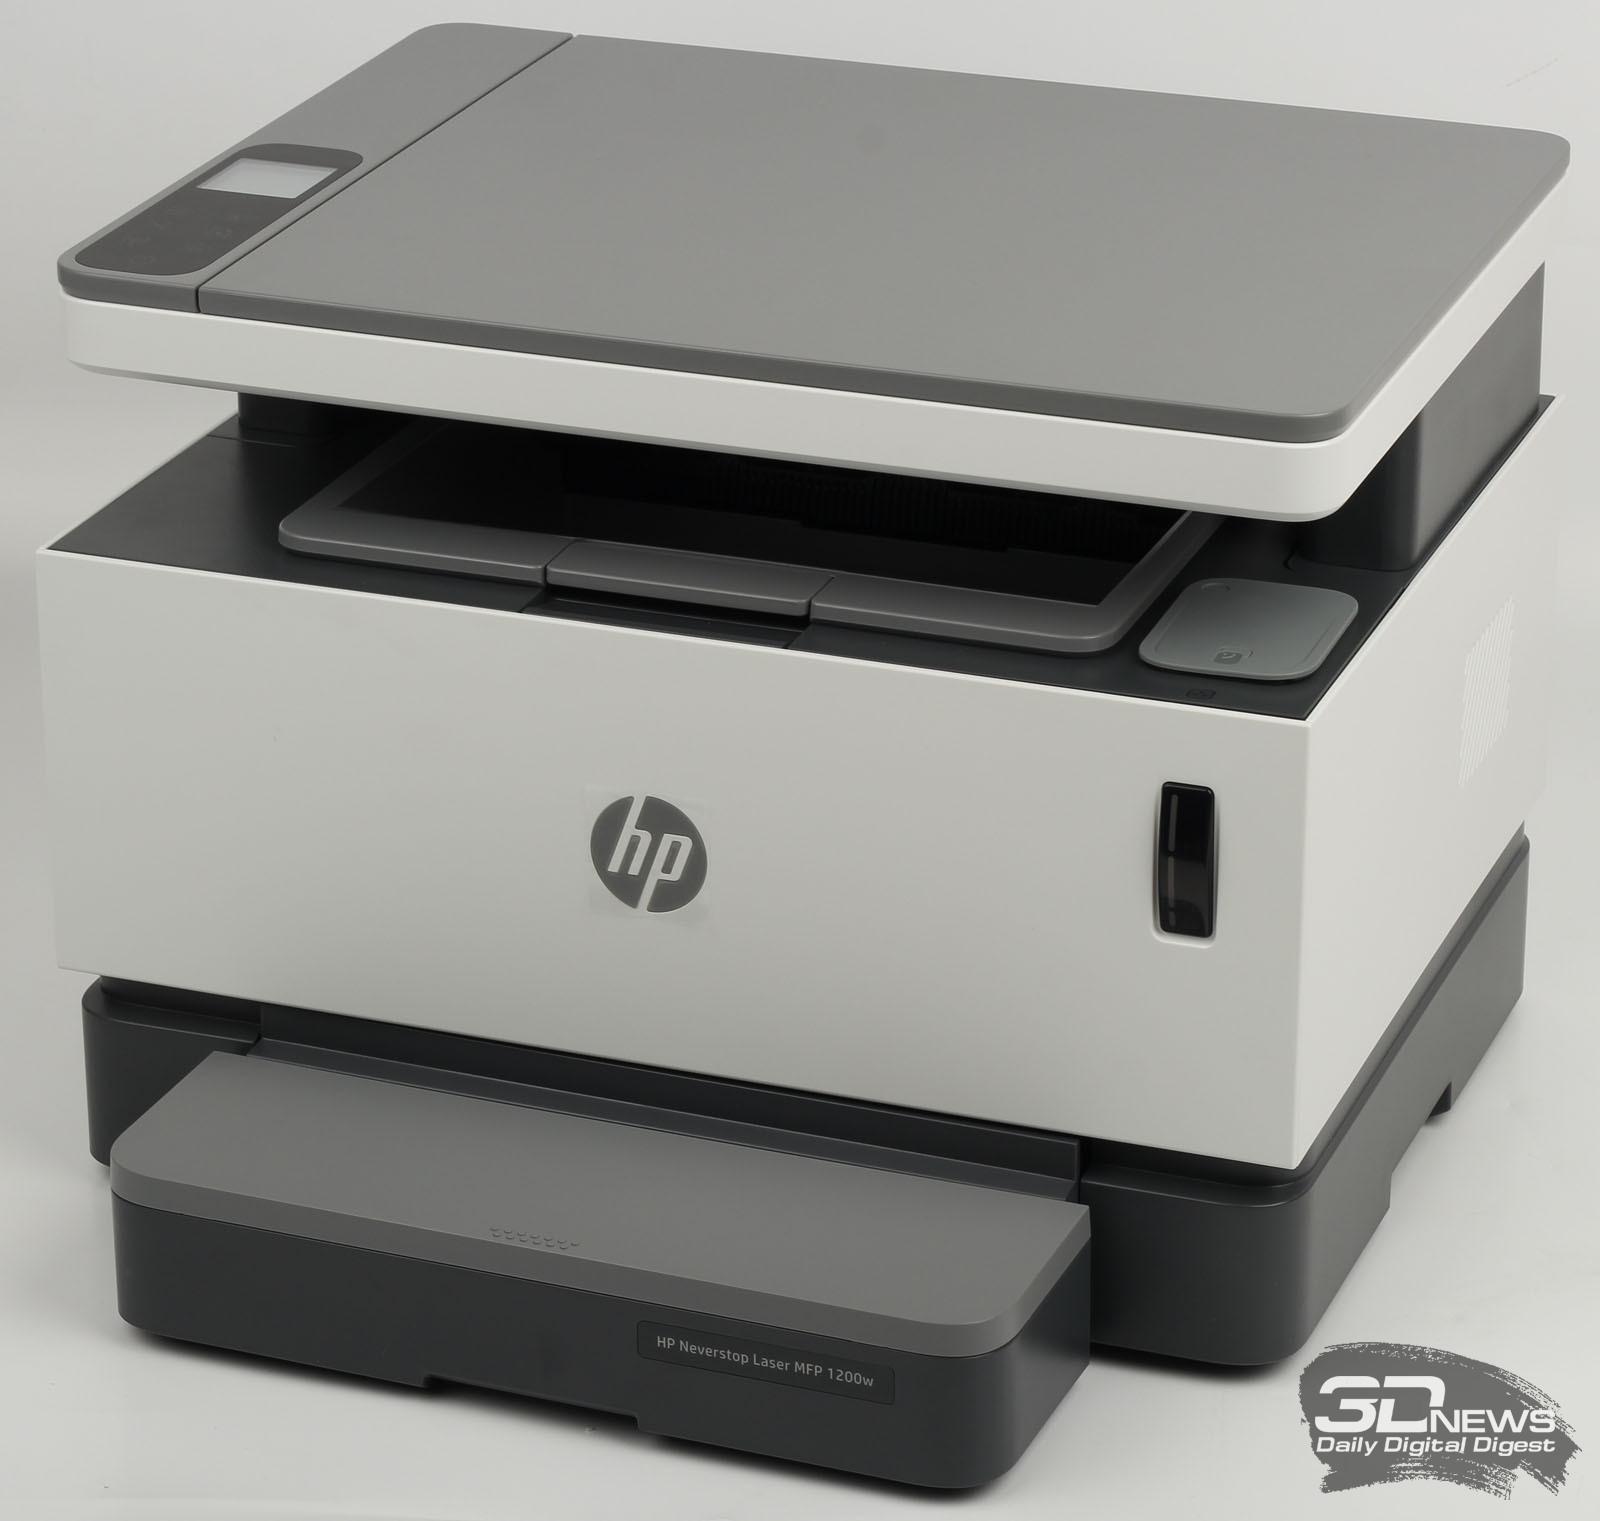 HP Neverstop Laser 1200w – печать без картриджа или НСПЧ для